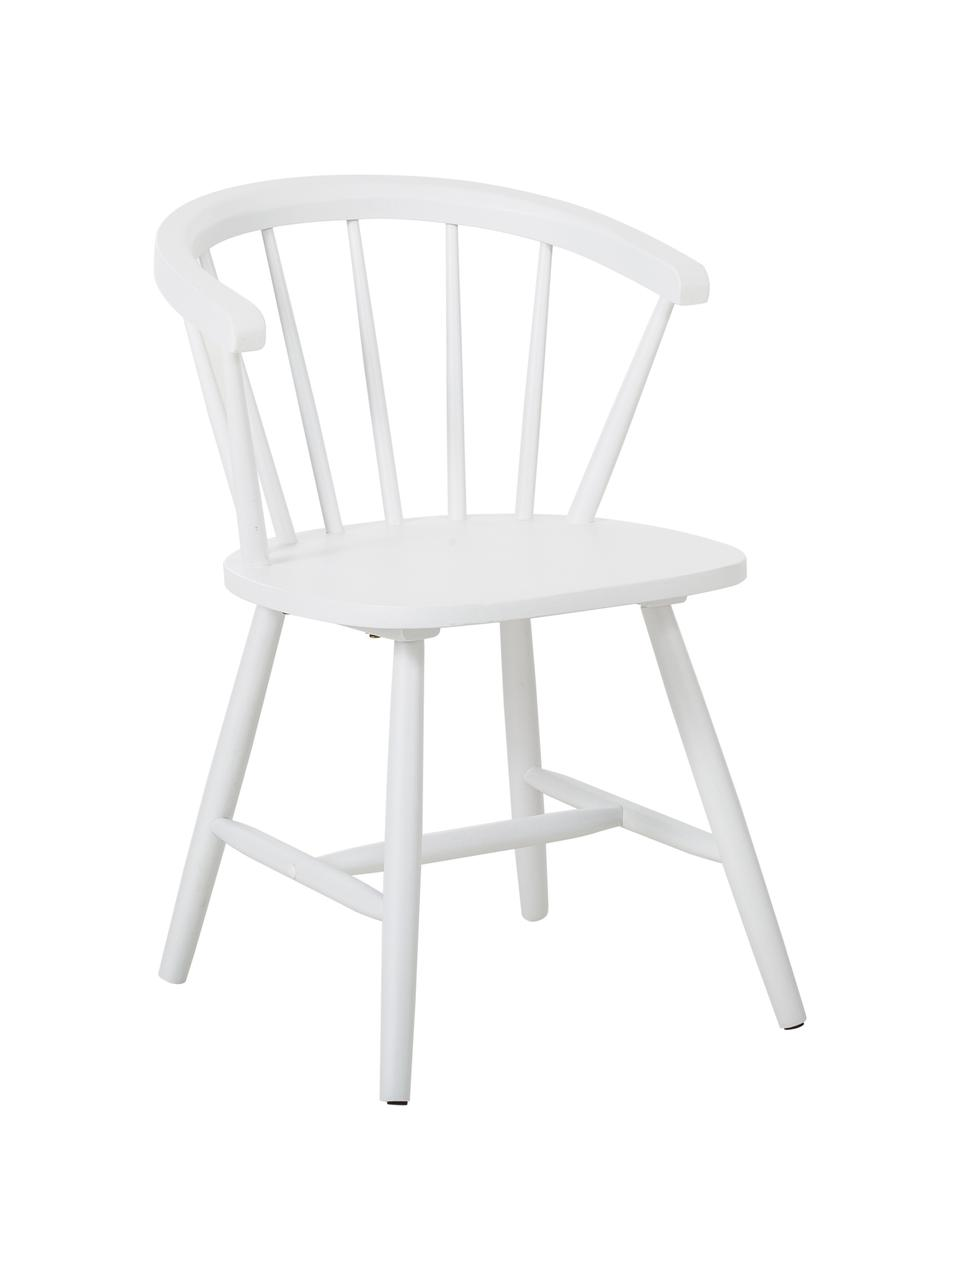 Krzesło z podłokietnikami z drewna w stylu windsor Megan, 2 szt., Drewno kauczukowe, lakierowane, Biały, S 53 x G 52 cm